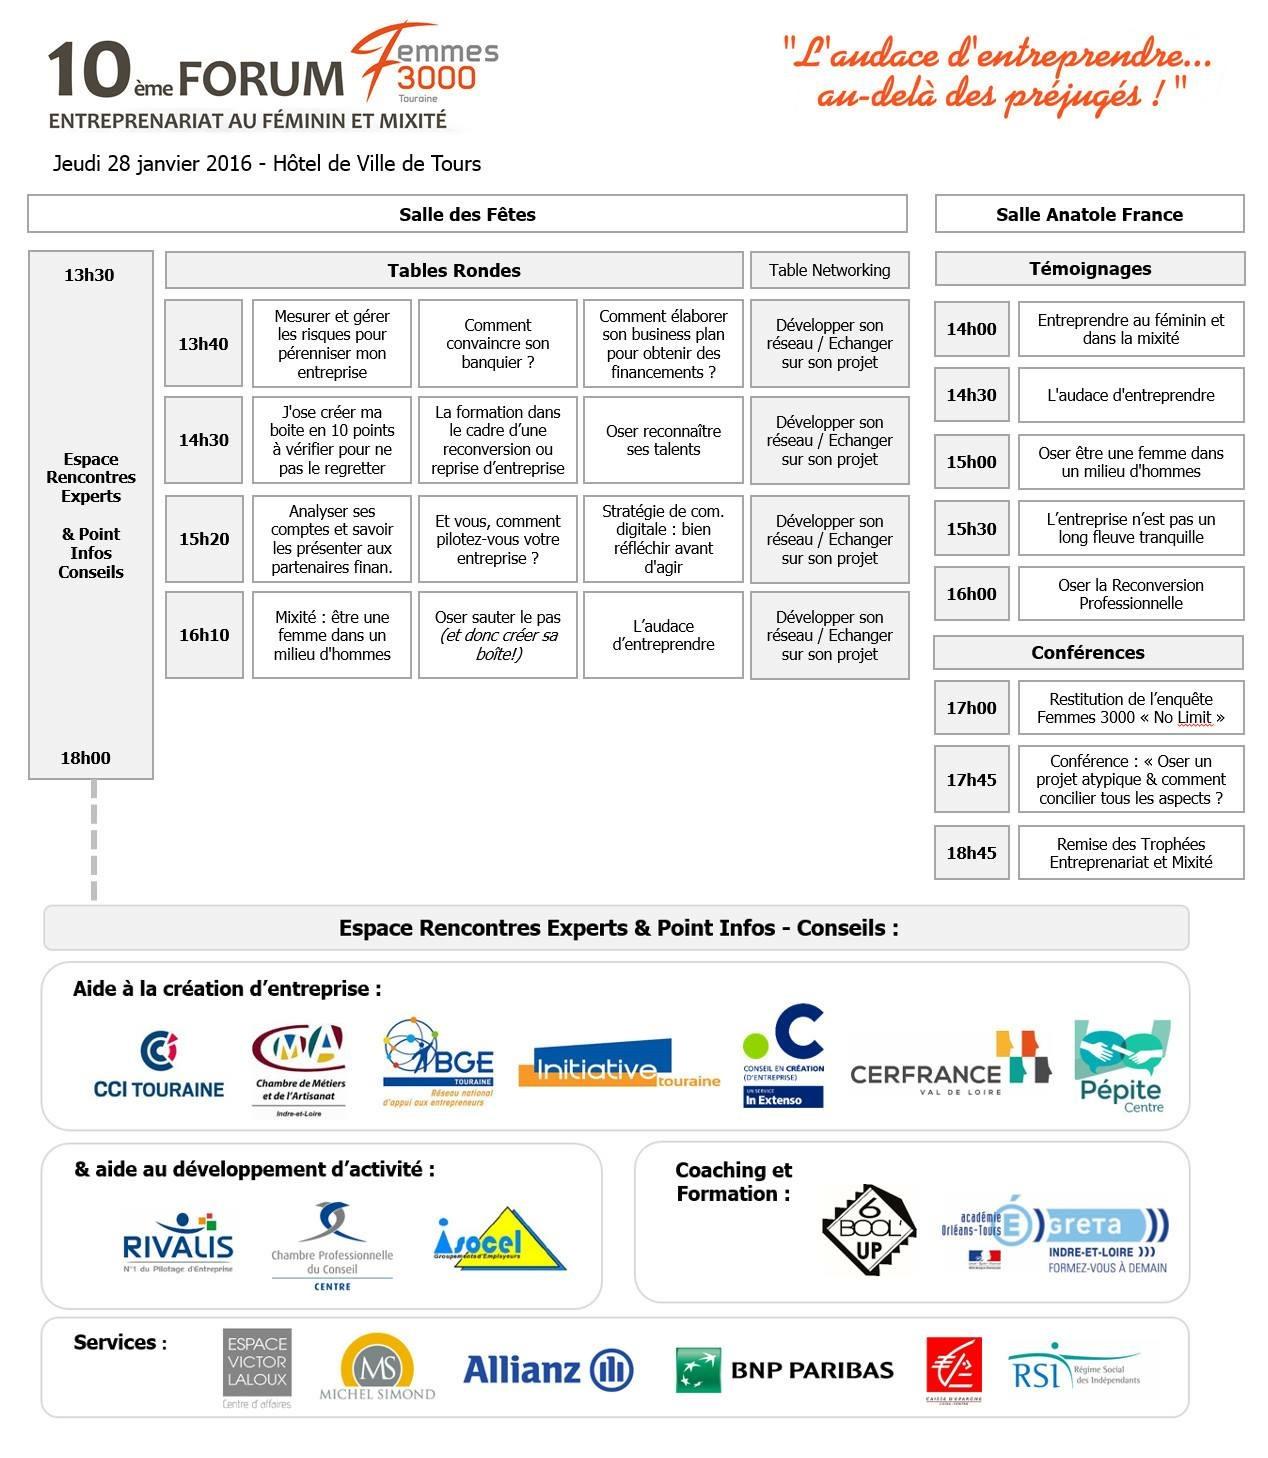 Programme 10e Forum entrepreneuriat au féminin et mixité